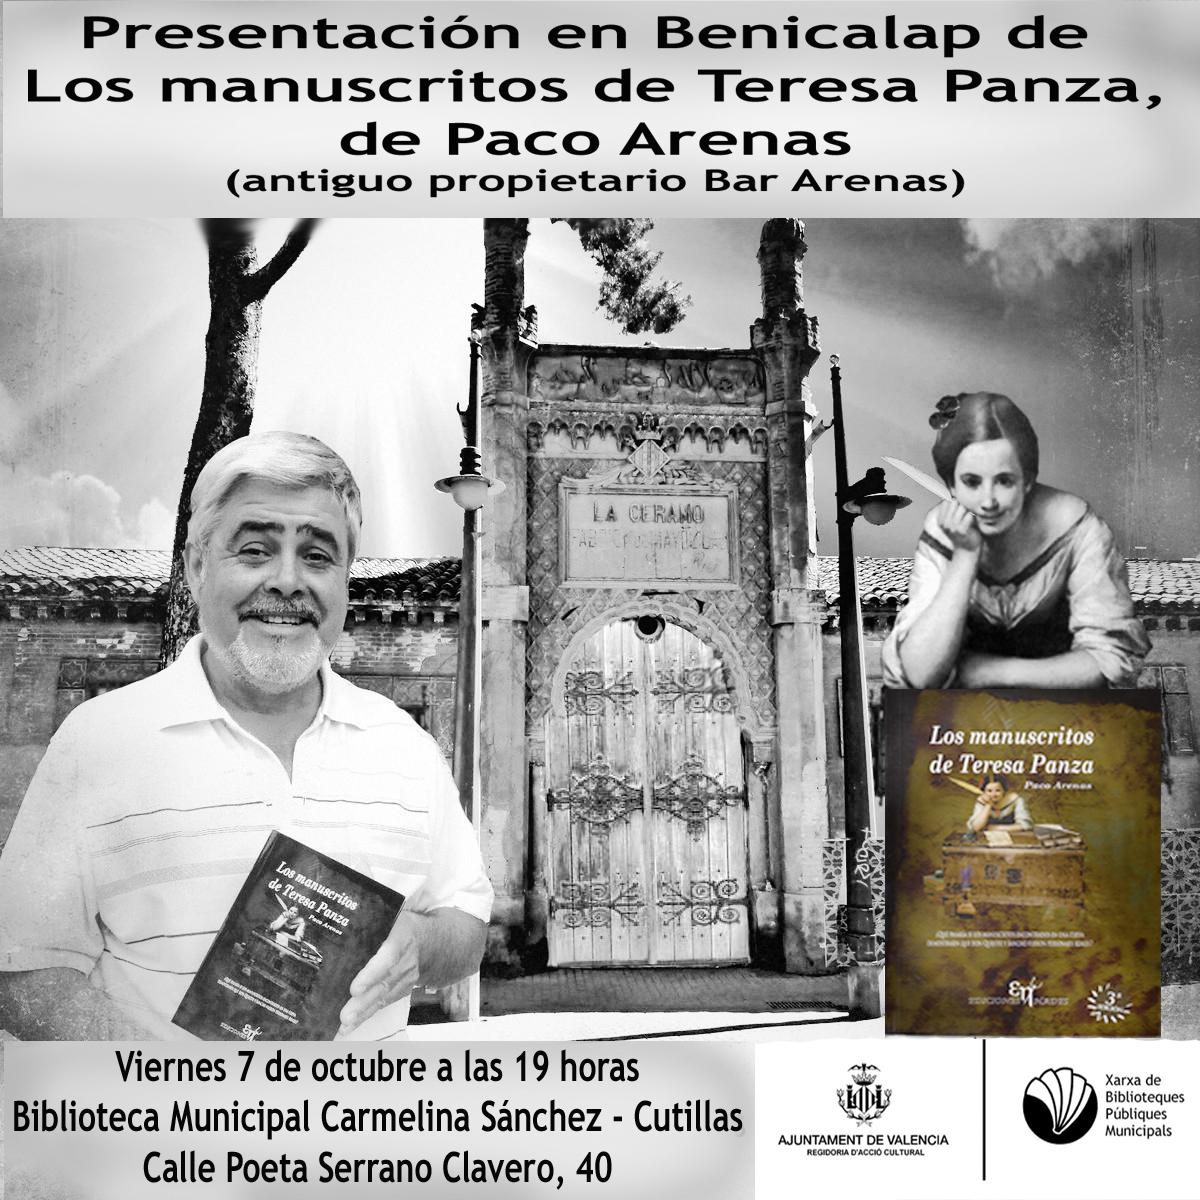 Presentación en Benicalap de Los Manuscritos de Teresa Panza